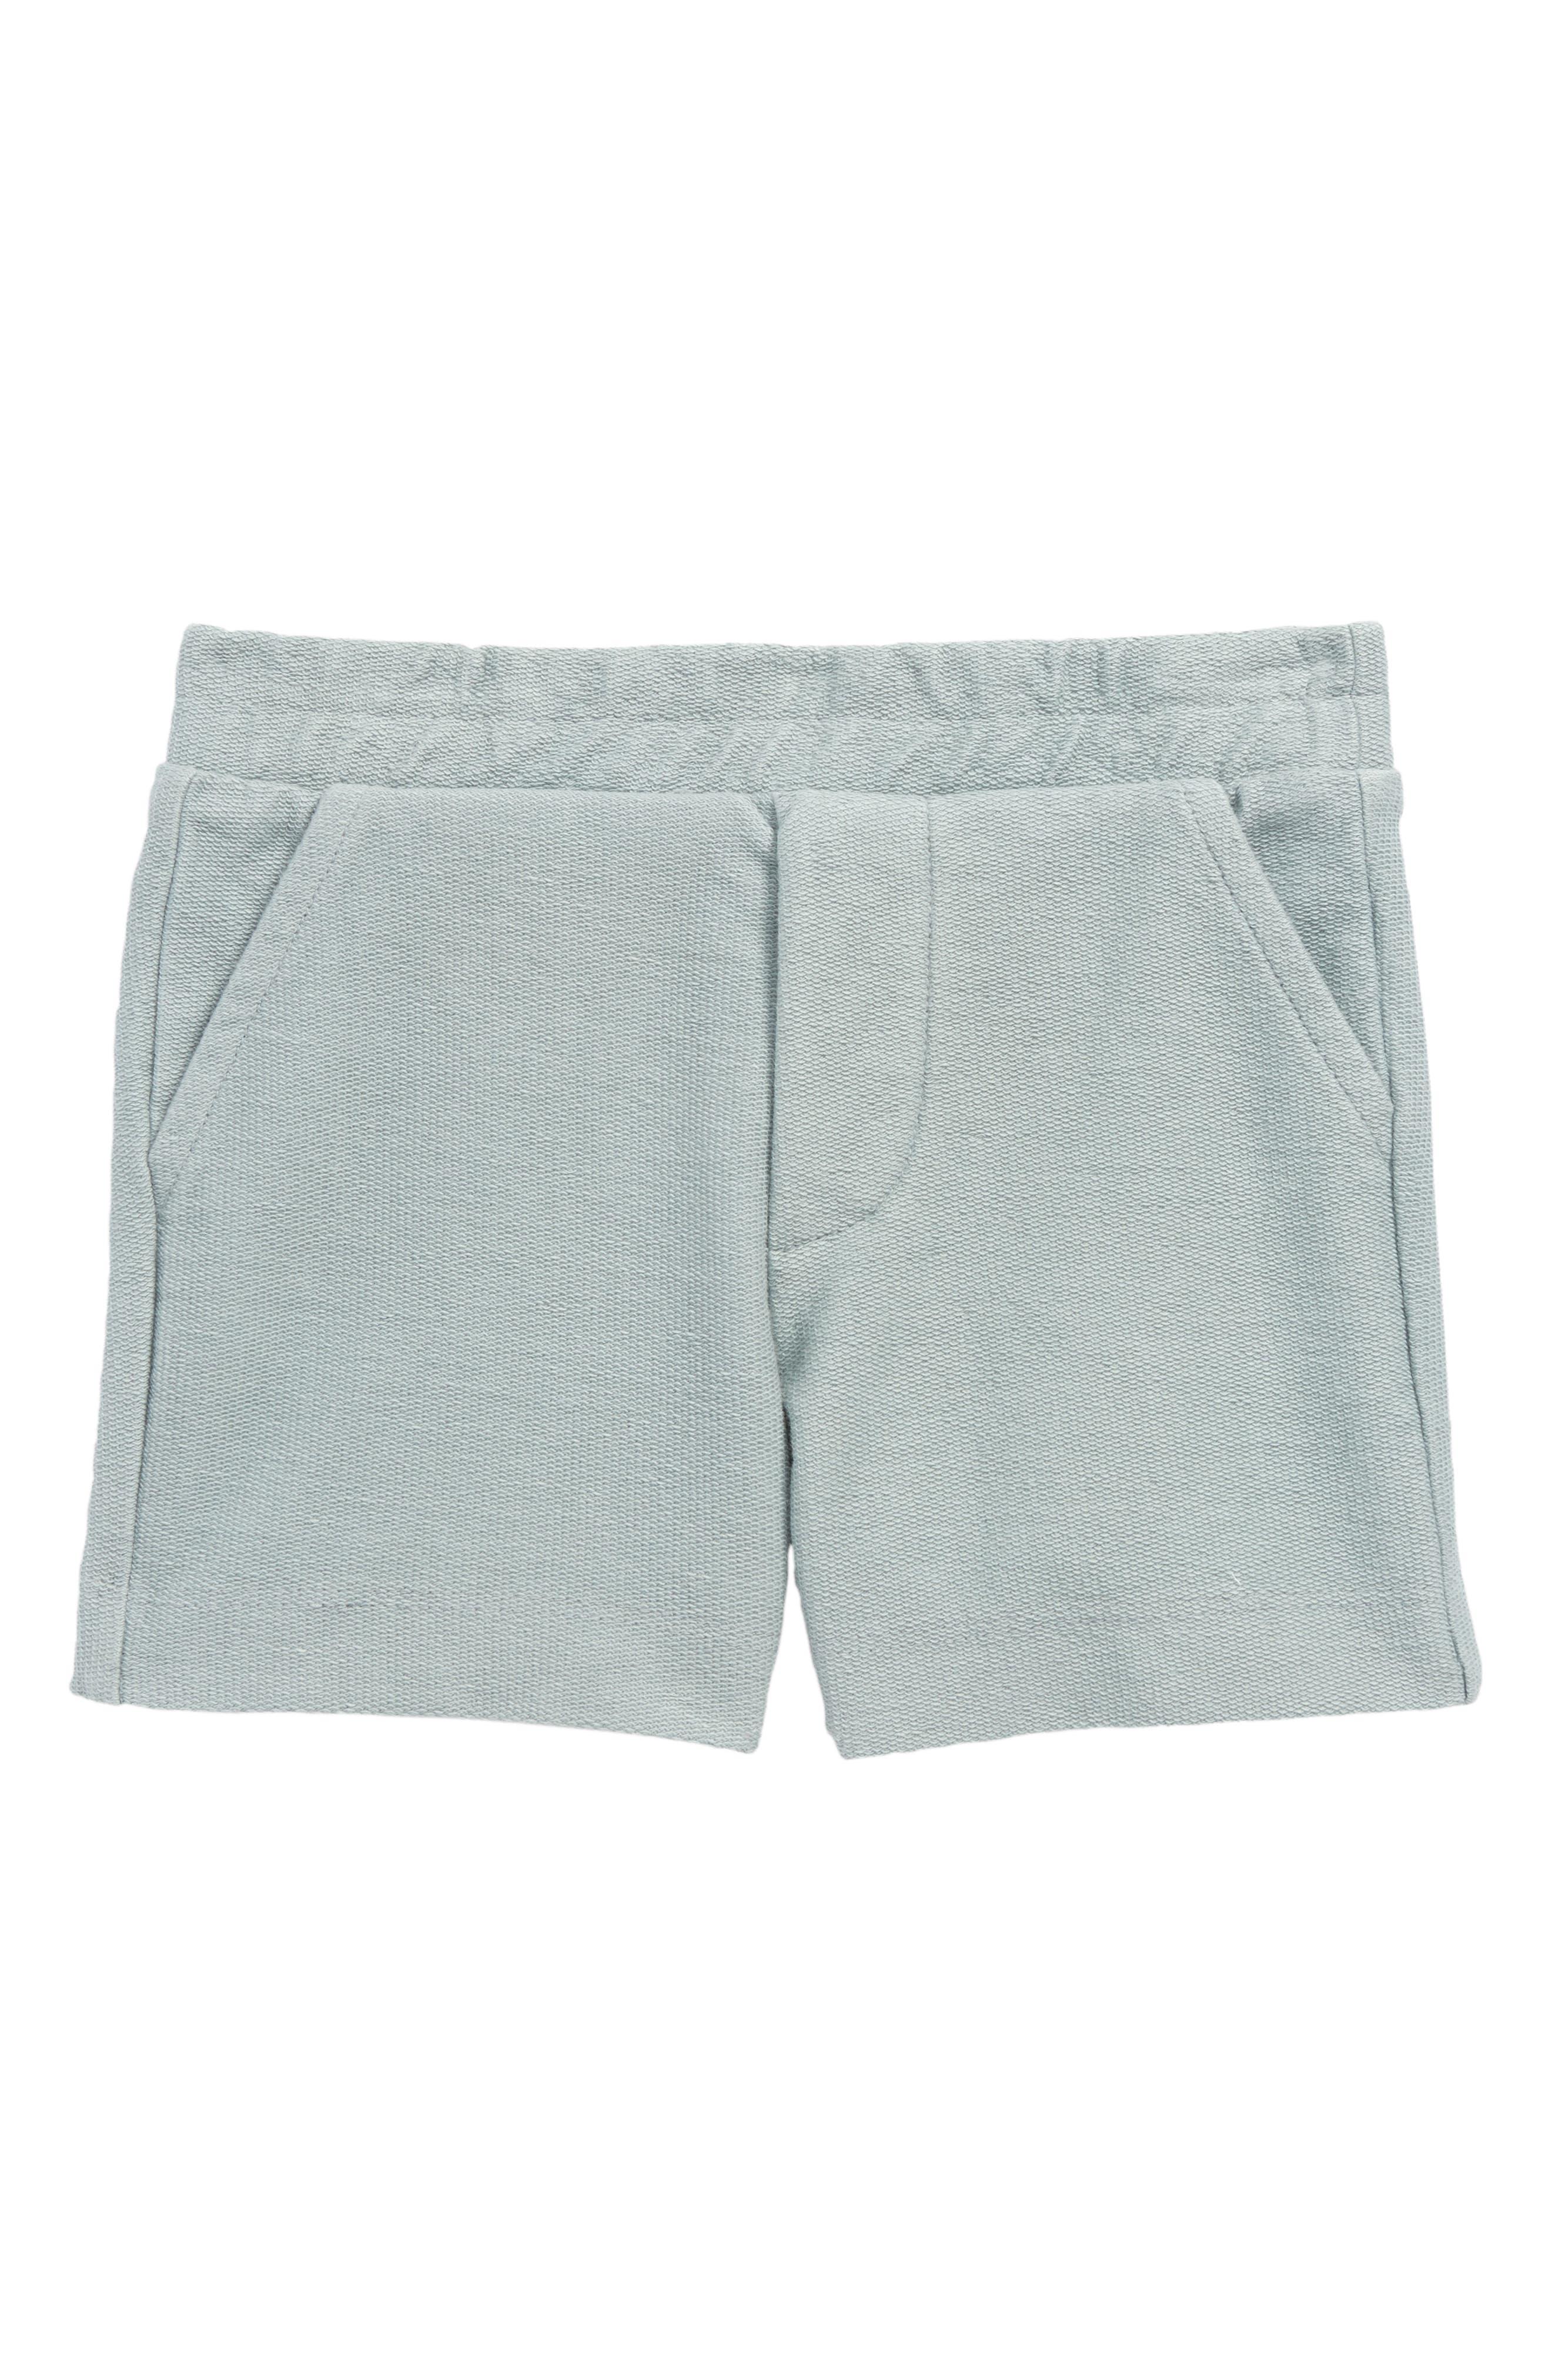 Easton Shorts,                             Main thumbnail 1, color,                             Seafoam Green